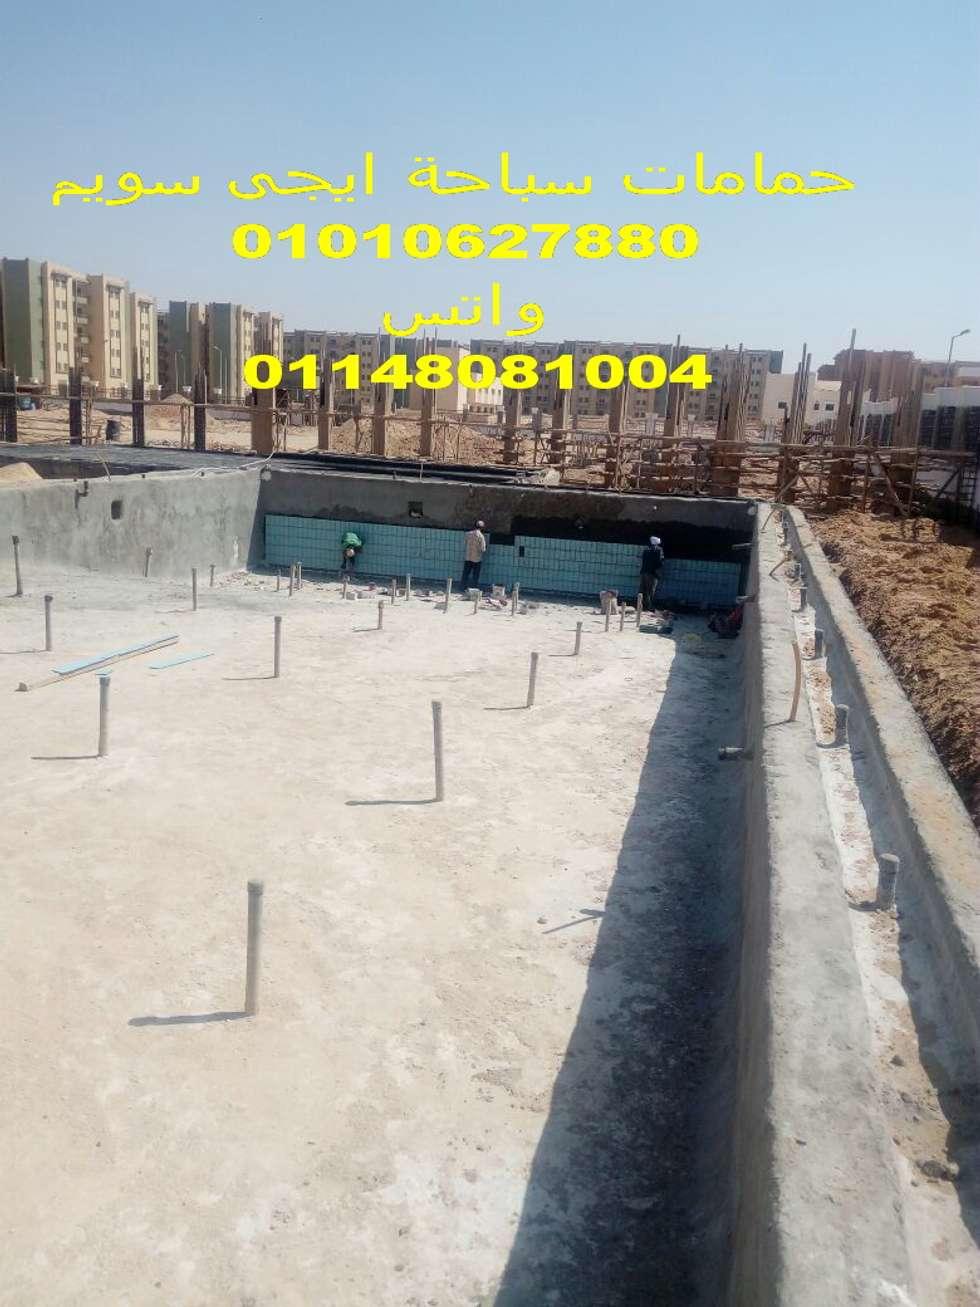 اسيوط الجديدة:  حديقة تنفيذ حمامات سباحة ايجي سويم